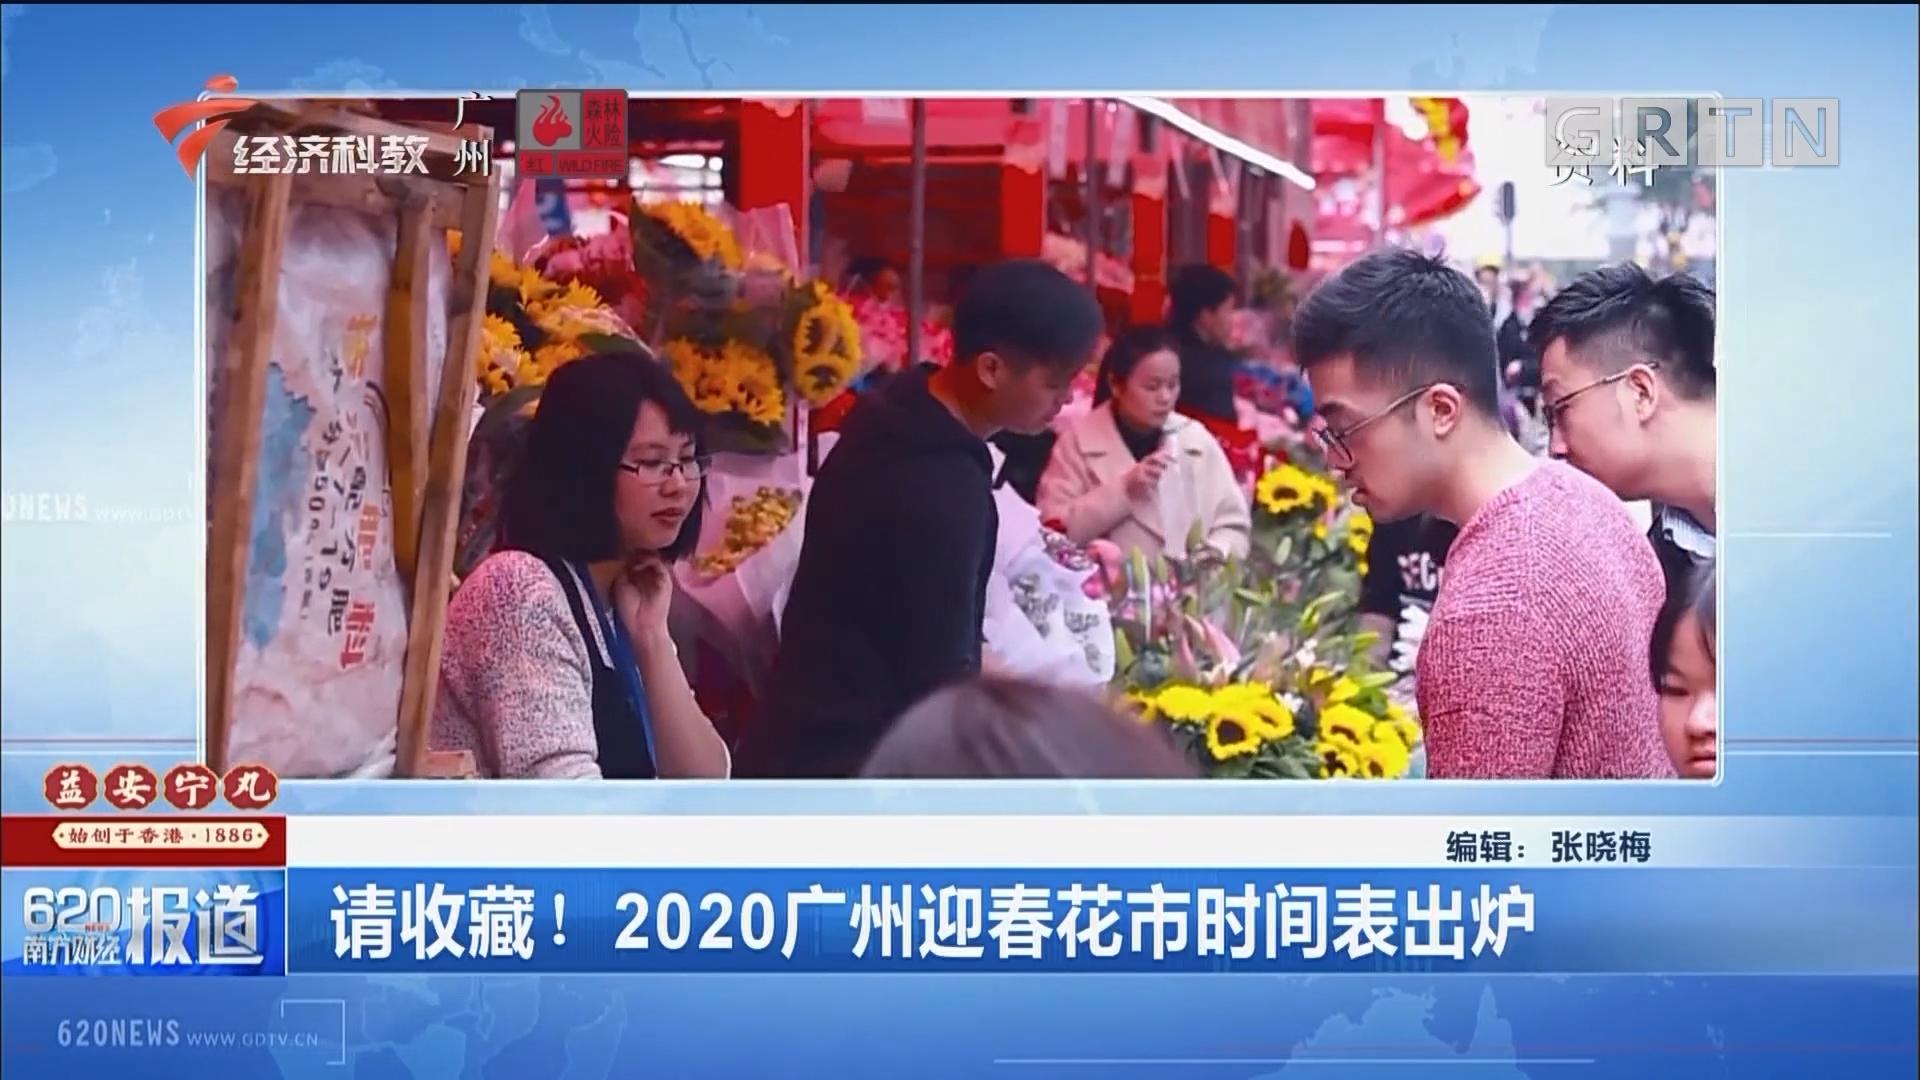 请收藏!2020广州迎春花市时间表出炉